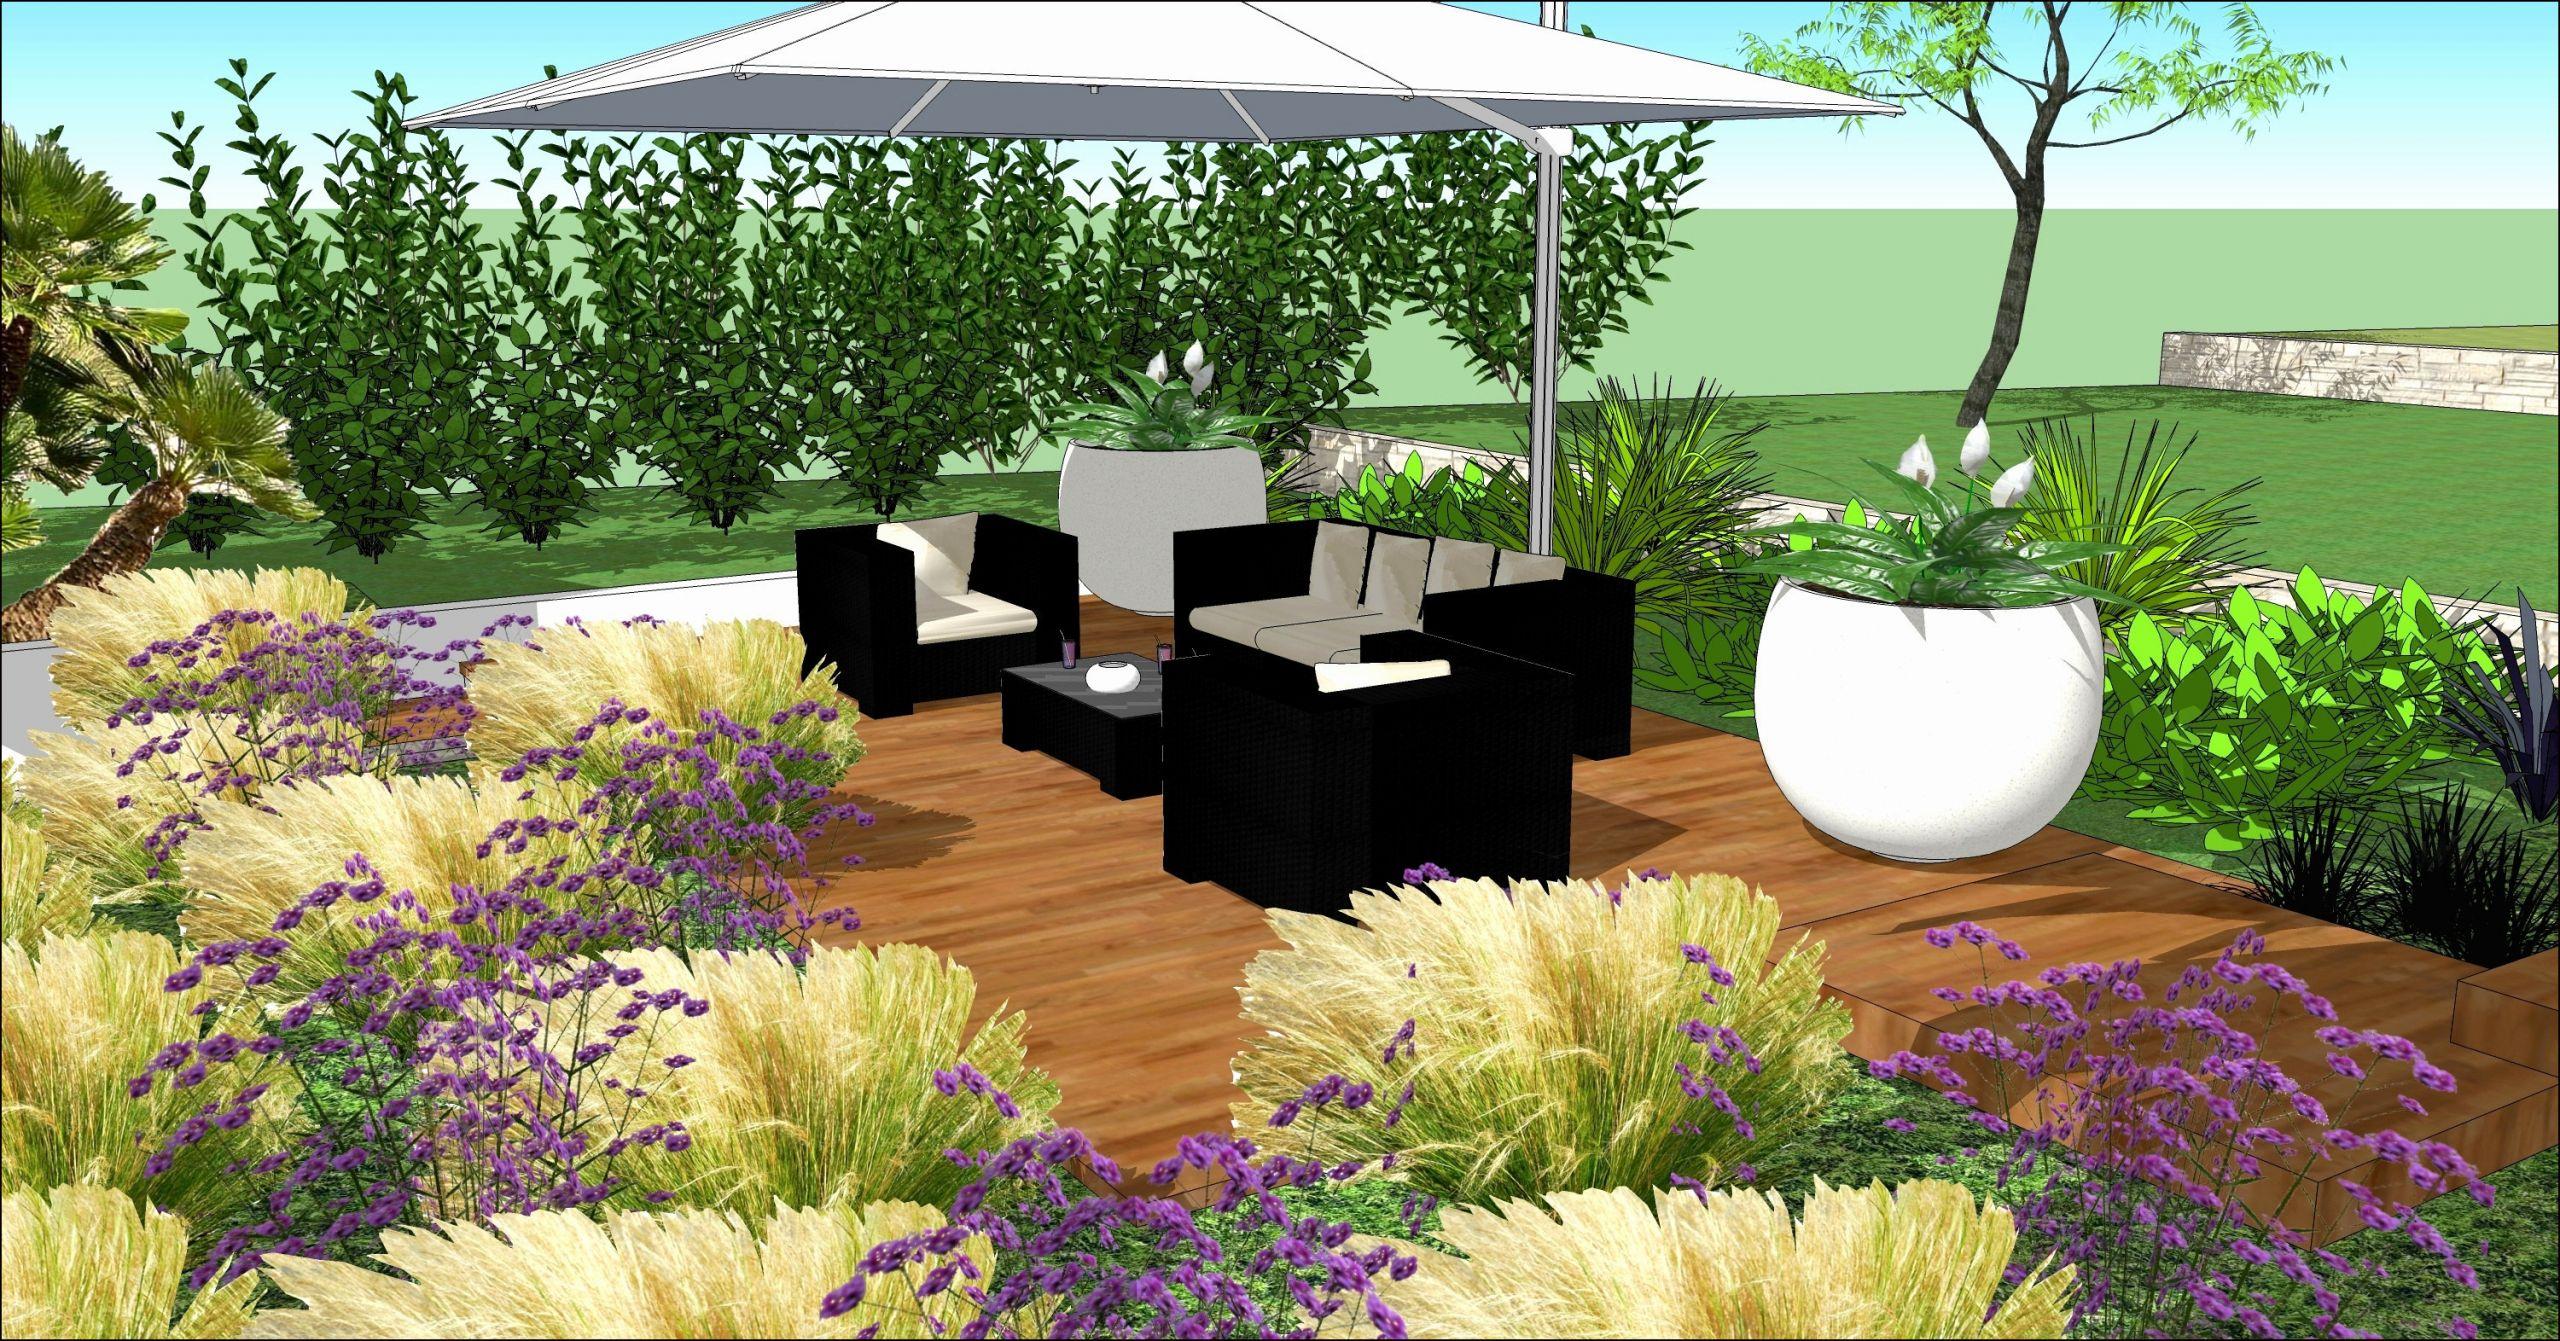 Logiciel Amenagement Jardin 41 De Luxe Logiciel Paysagiste 3d Gratuit La Graphie Idees Conception Jardin Idees Conception Jardin